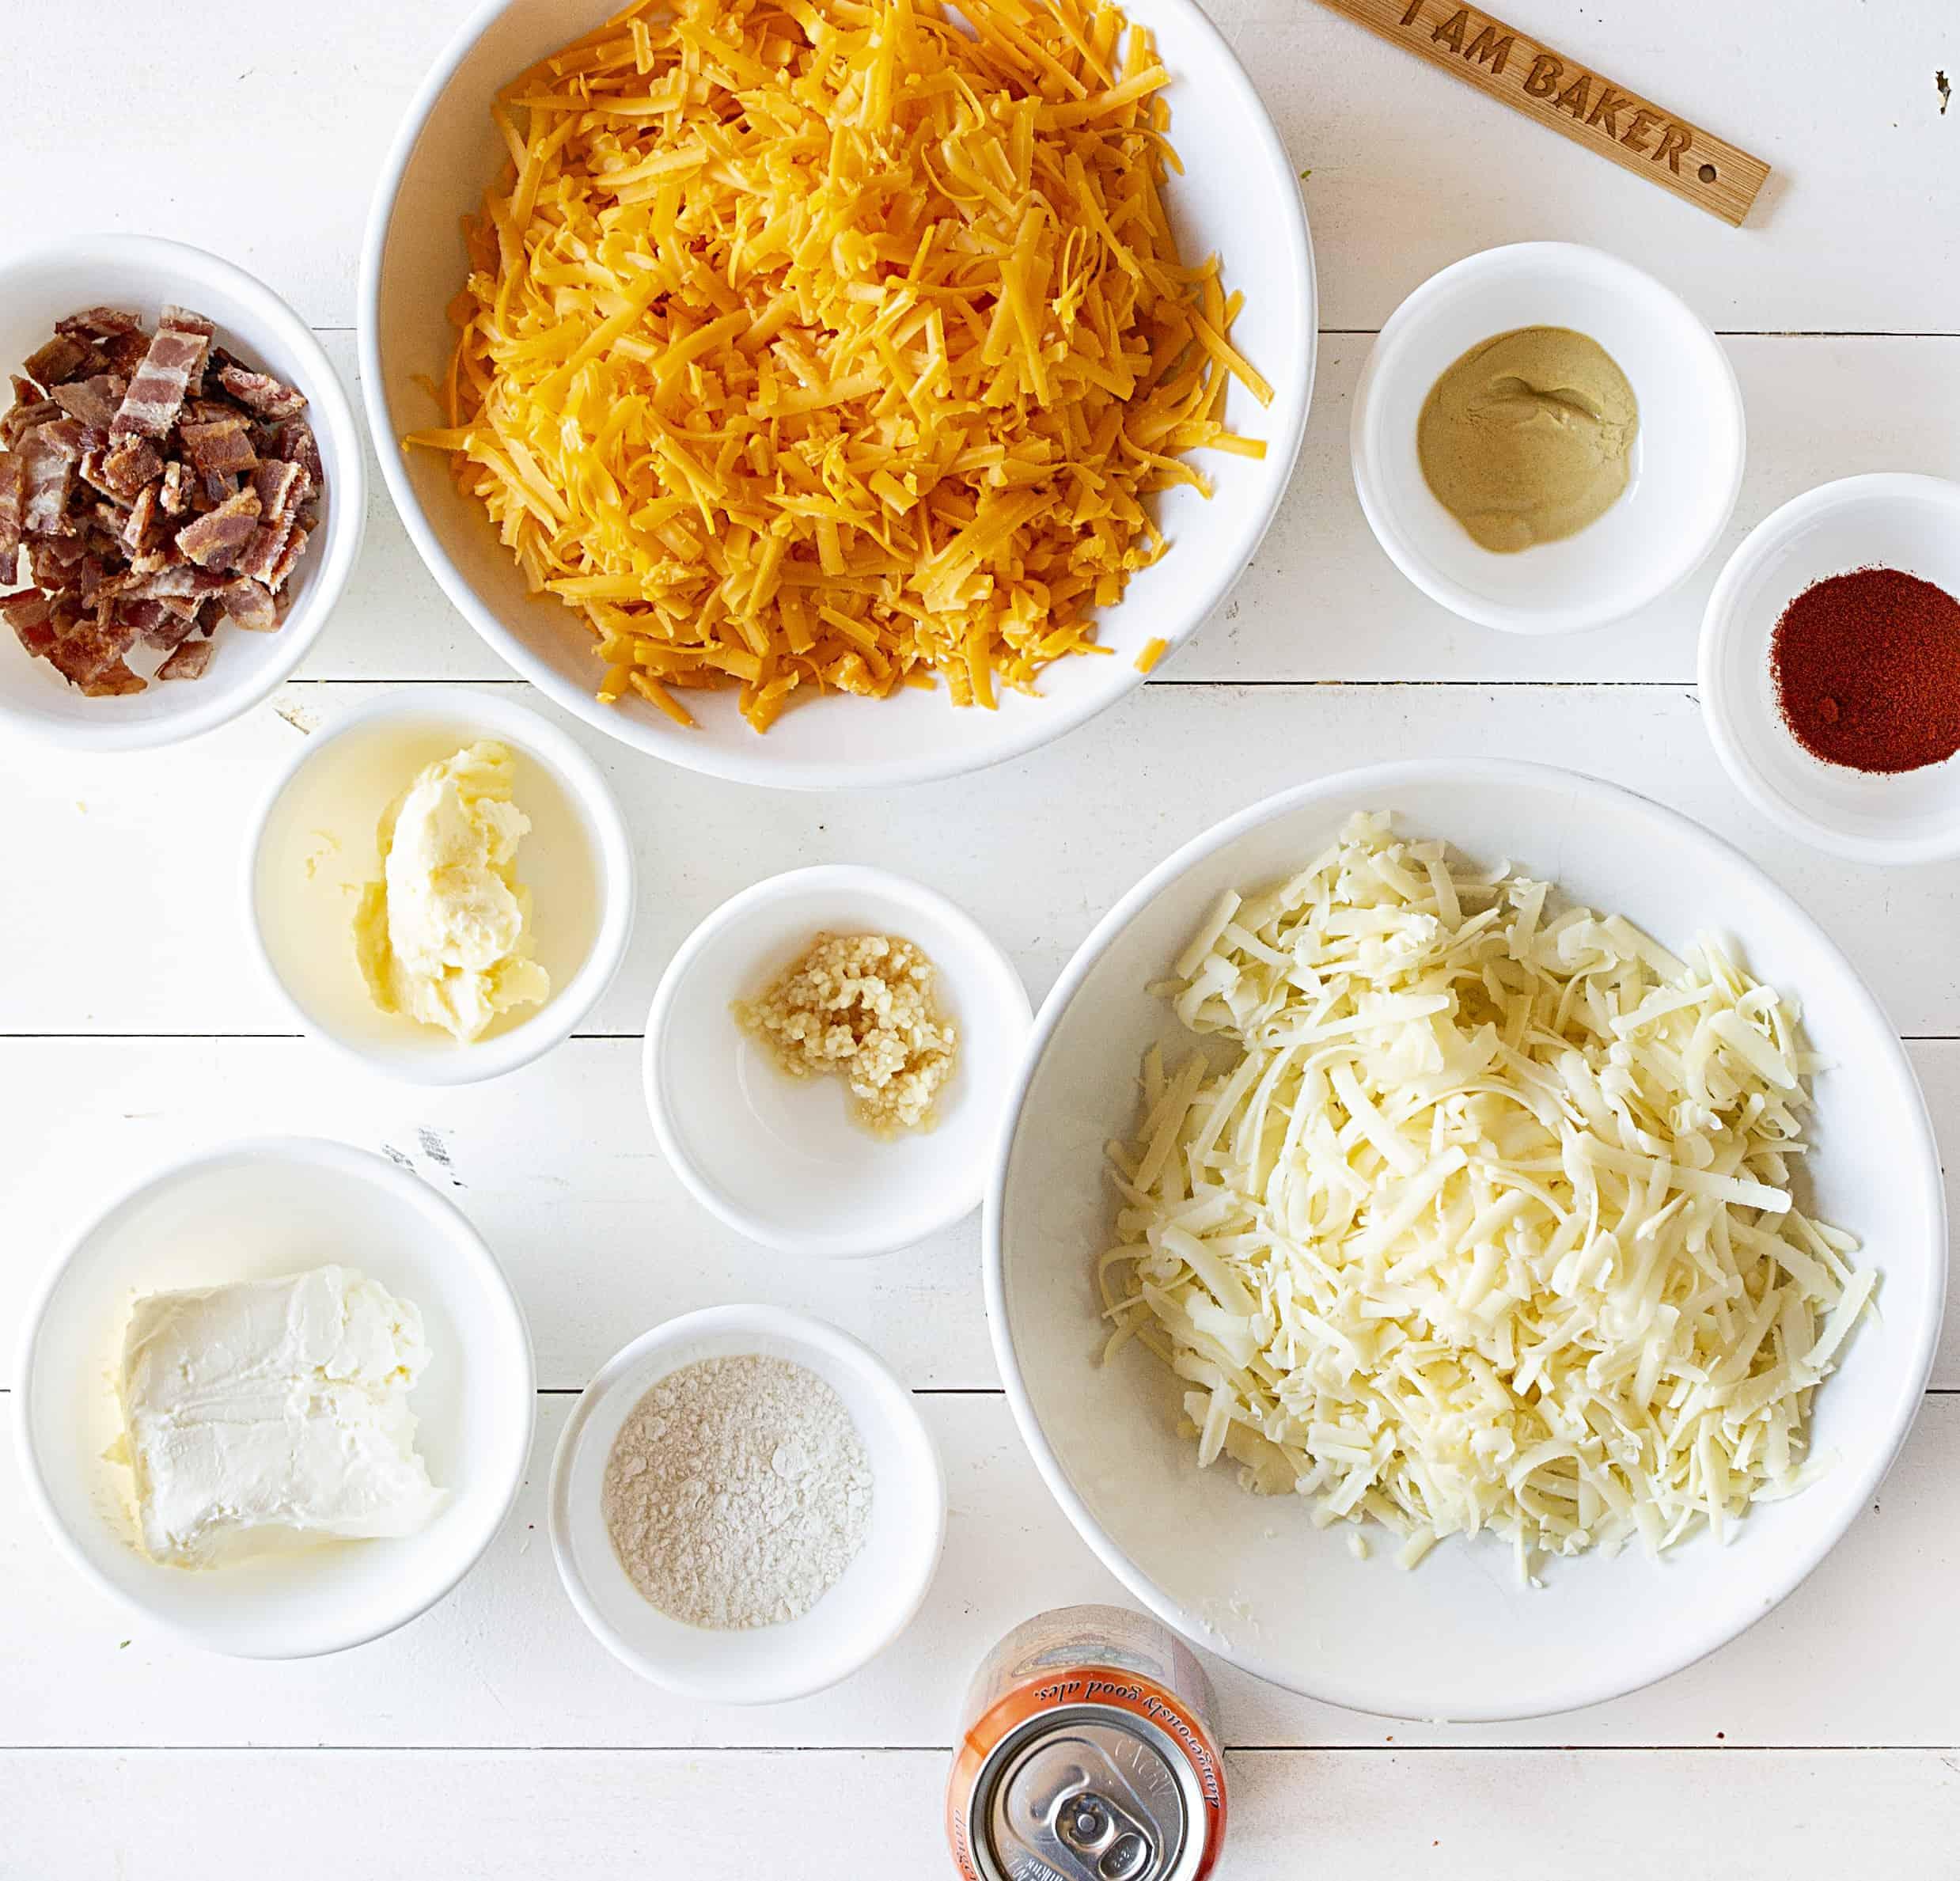 Beer Cheese Dip Ingredients